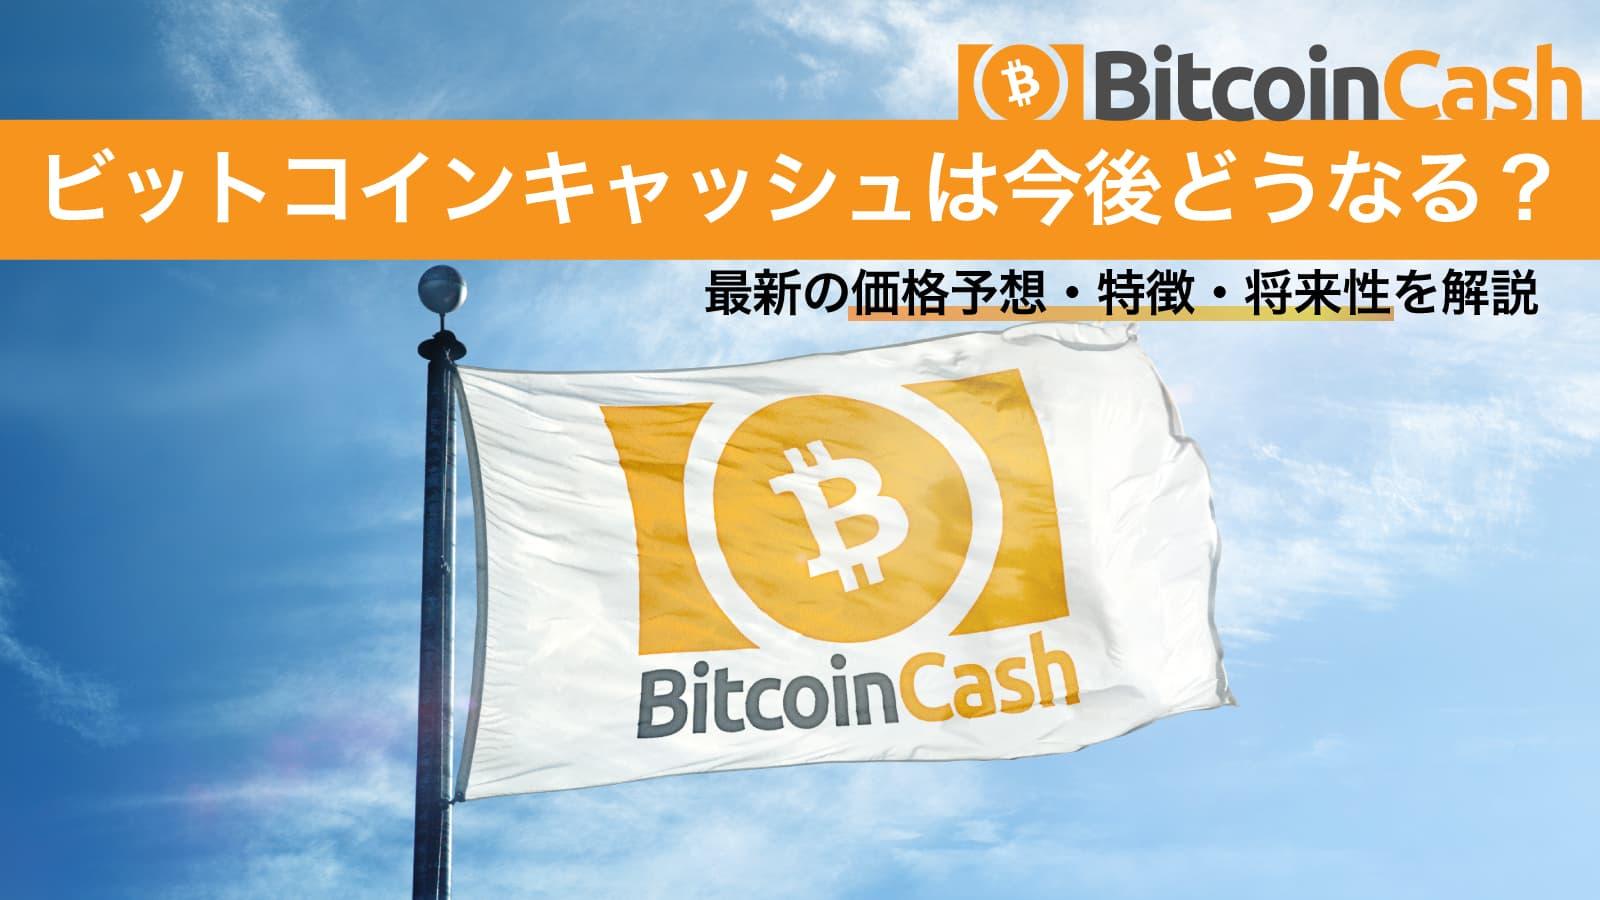 【2020年版】ビットコインキャッシュは今後どうなる?最新の価格予想・特徴・将来性を解説のアイキャッチ画像